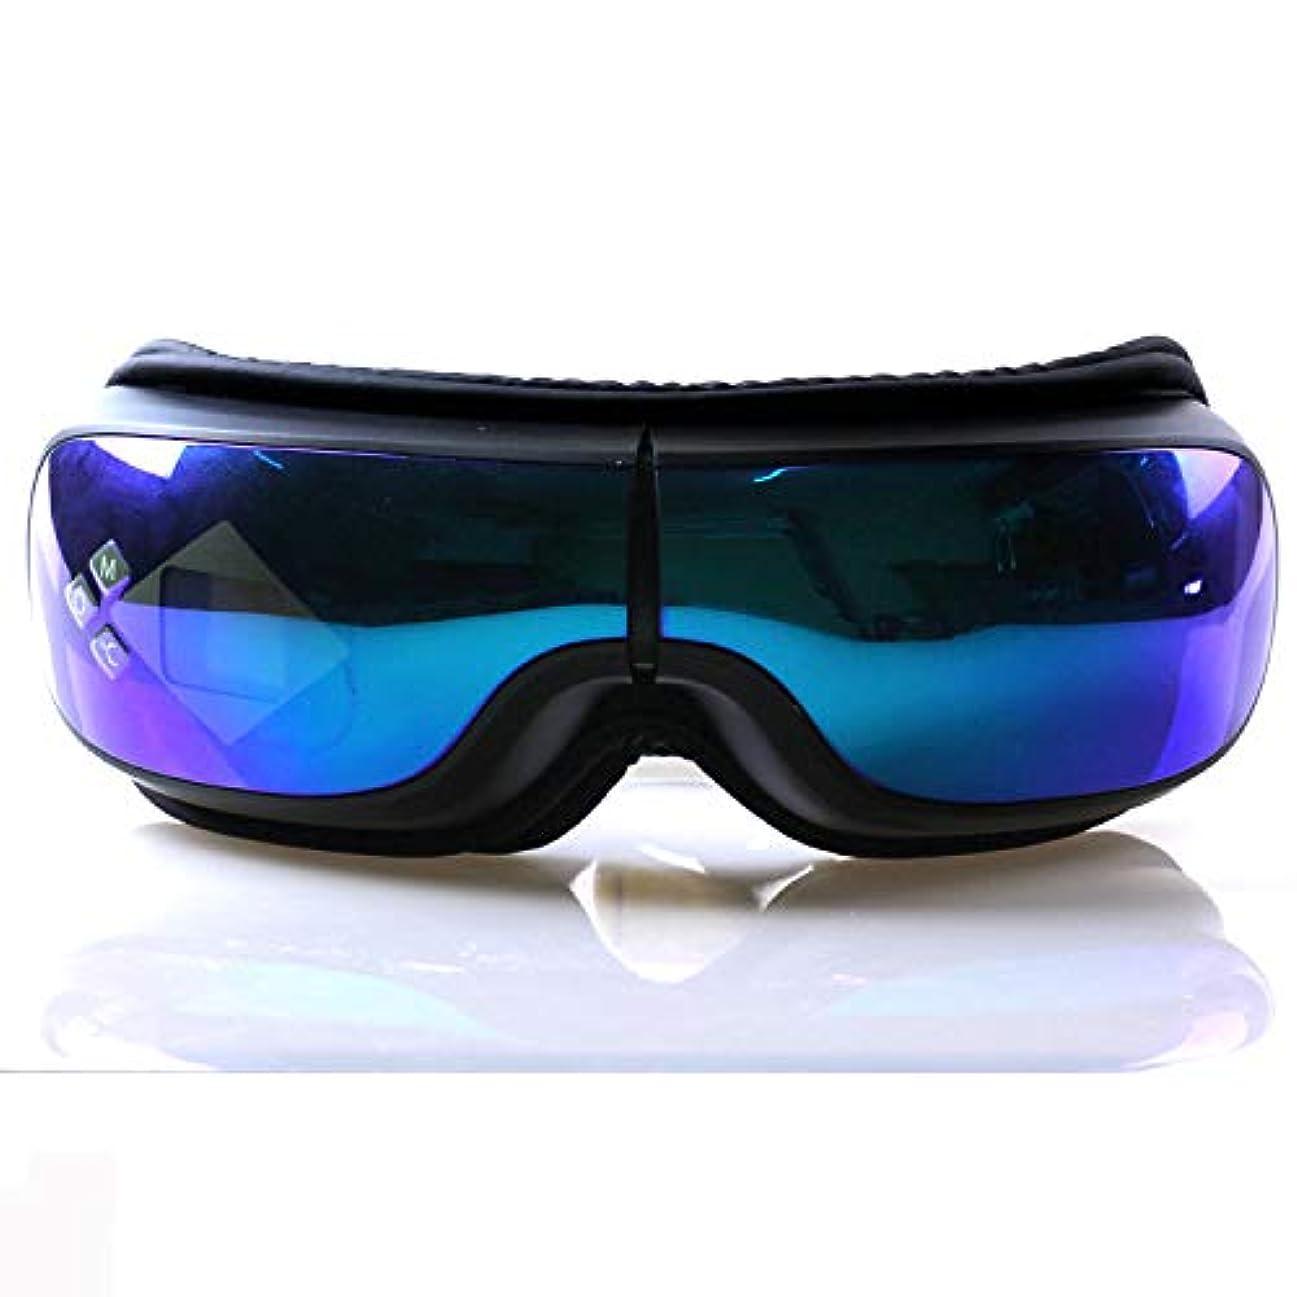 好ましい自分目の前のグラフェンインテリジェントなワイヤレス空気圧アイインストゥルメントマッサージ器近視補正視力保護器,Blue